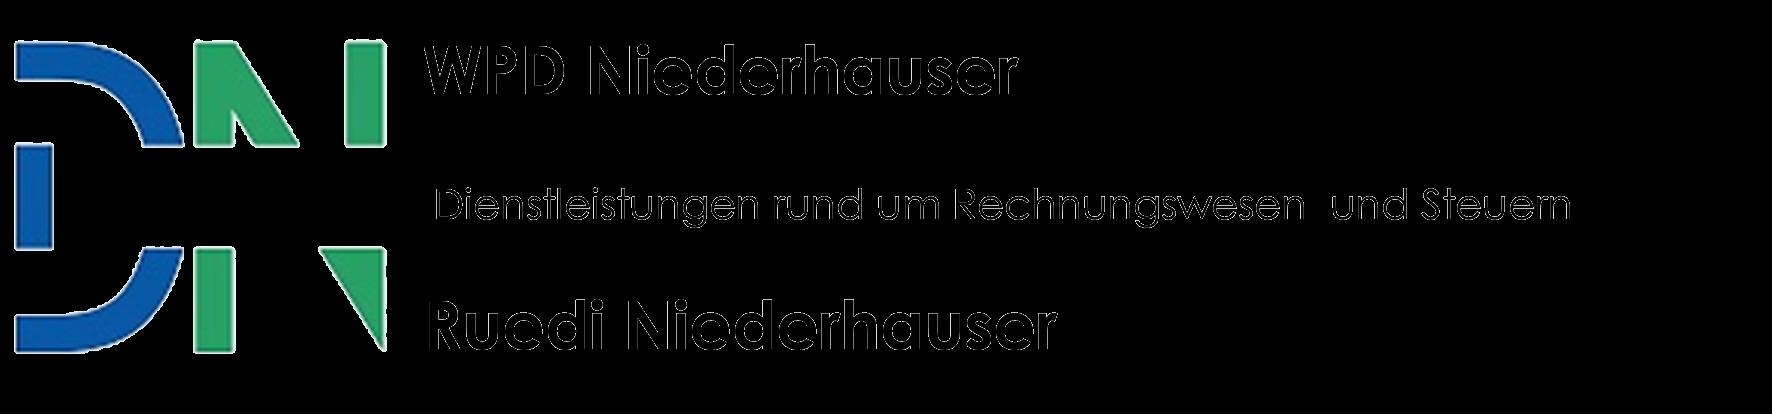 WPD Niederhauser, Rechnungswesen Steuern